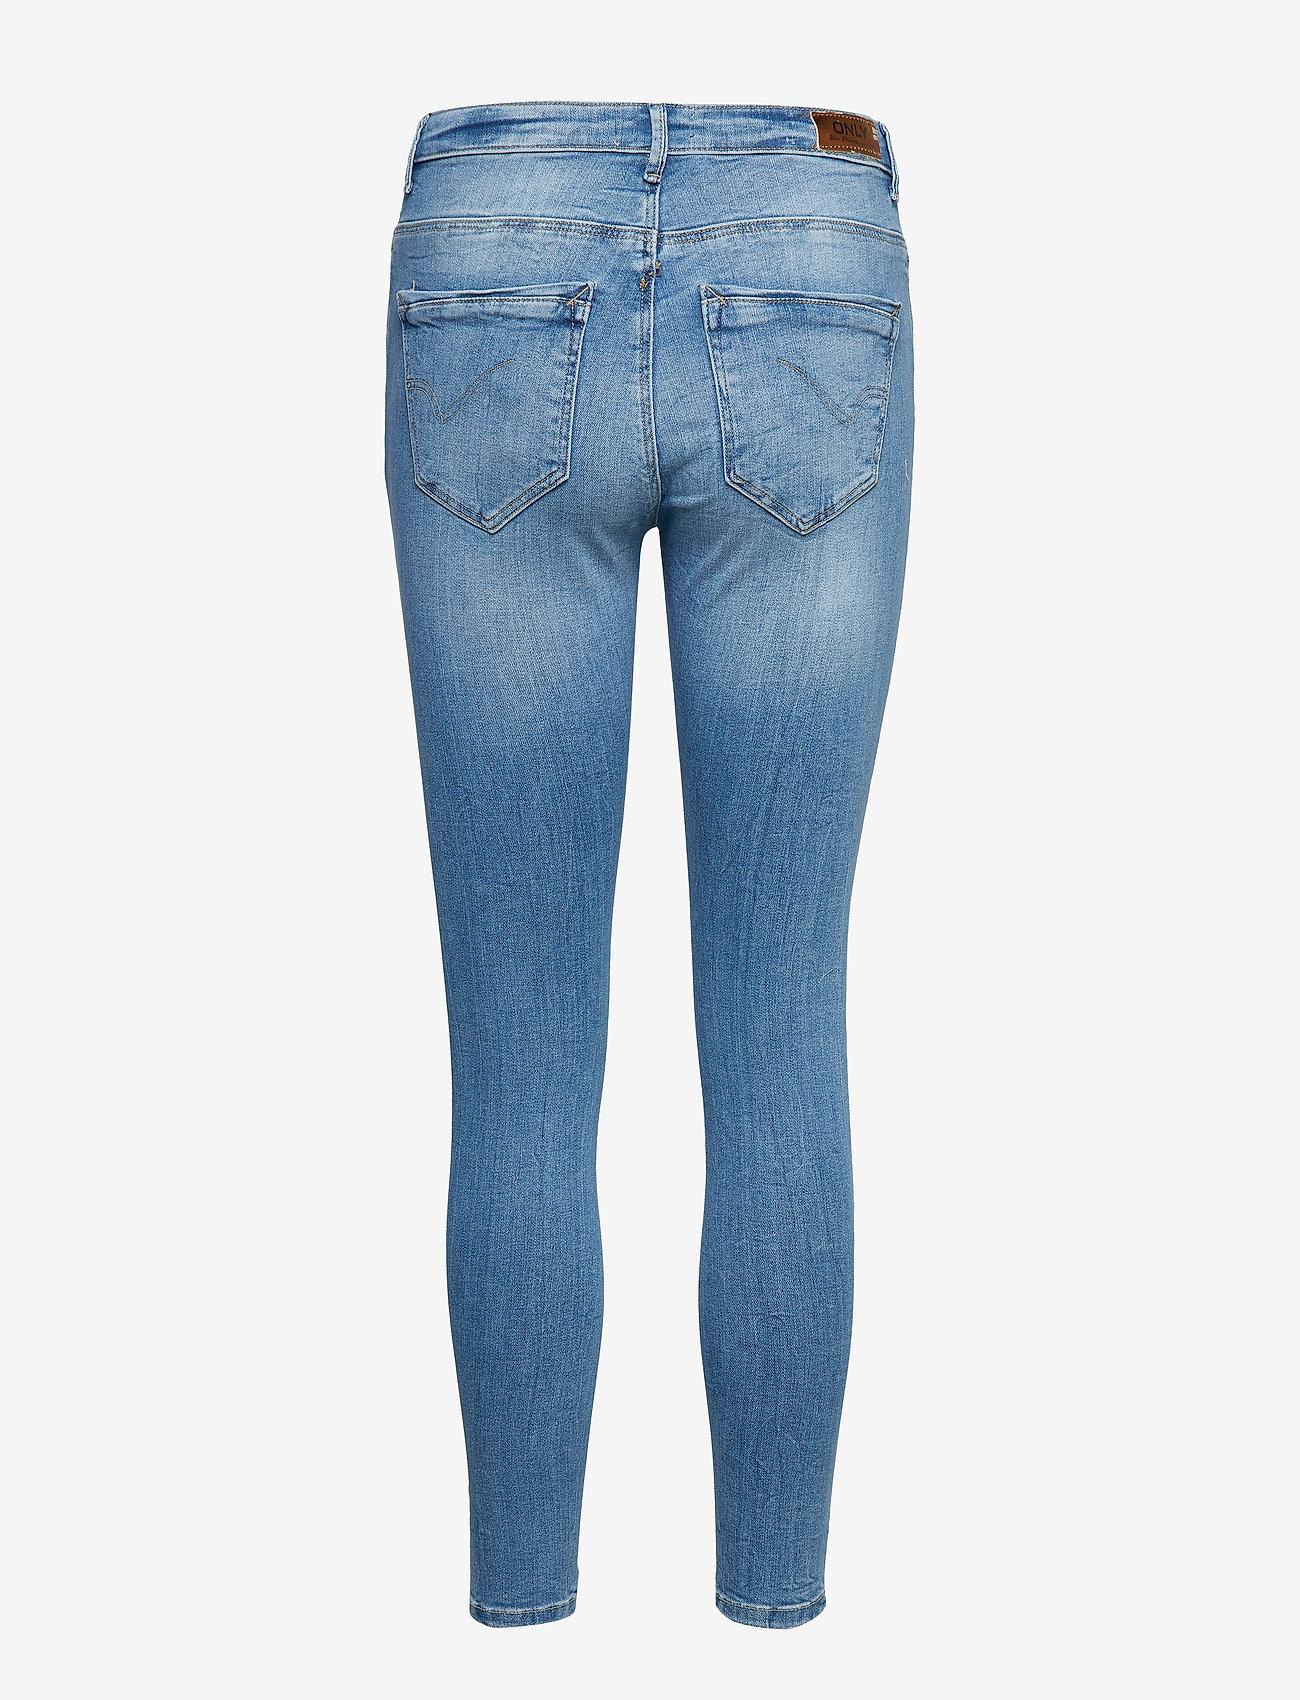 Only Onlpaola Life Hw Sk Jns Bb Azg809 Noos - Jeans Light Blue Denim